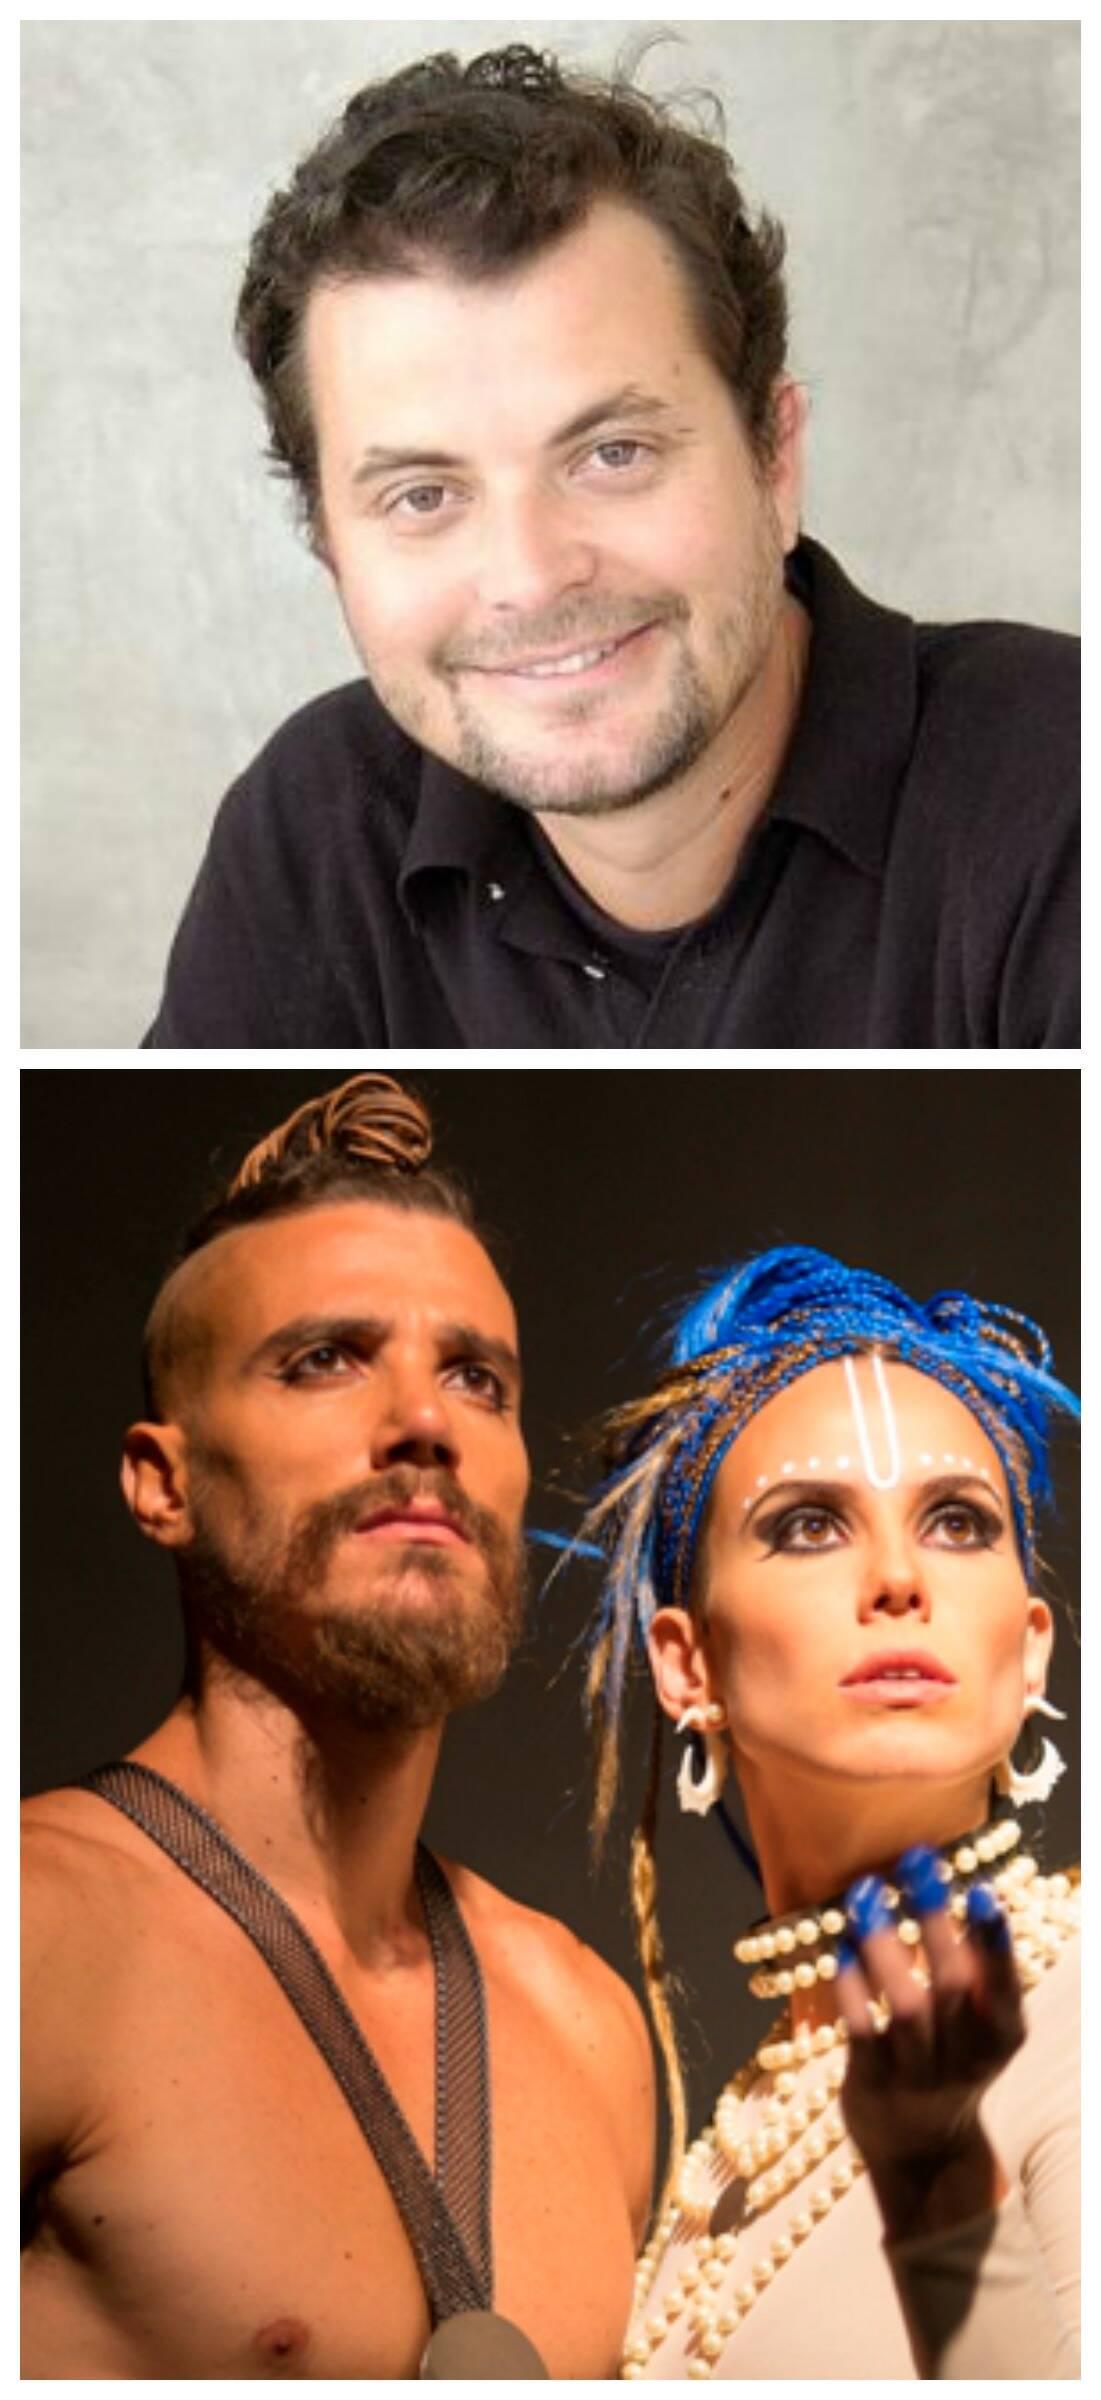 Miguel Pinto Guimarães, no alto; acima, os atores Lívia de Bueno e Luca Bianchi, nos papeis de Arjuna e Krishna/ Foto: divulgação